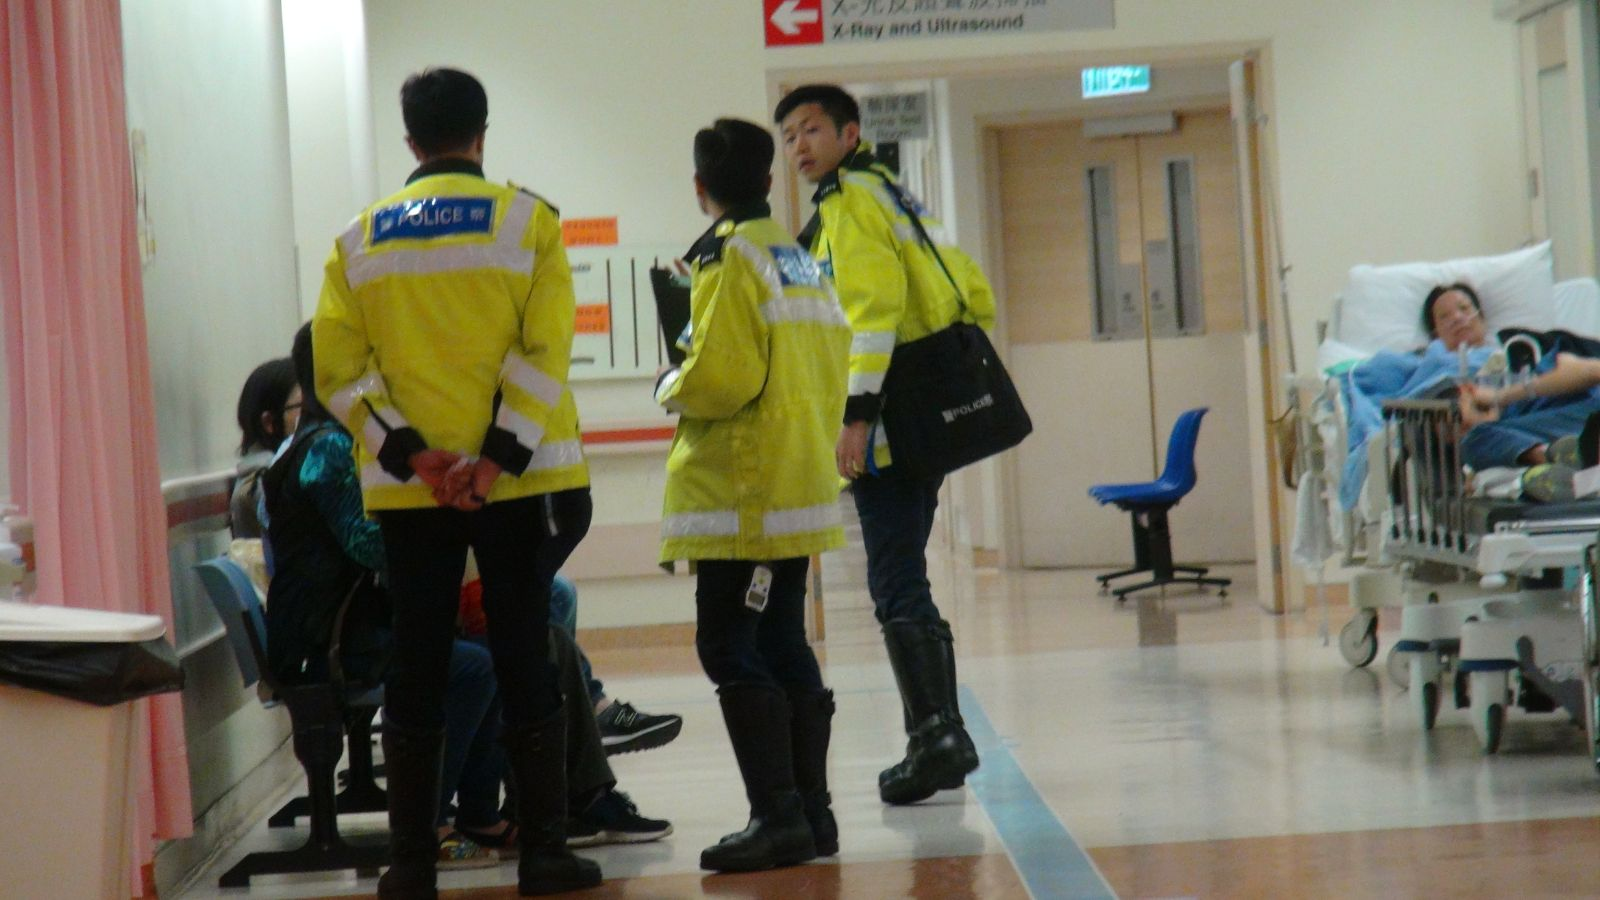 交通警員到威爾斯醫院了解事件經過。 梁峰國攝